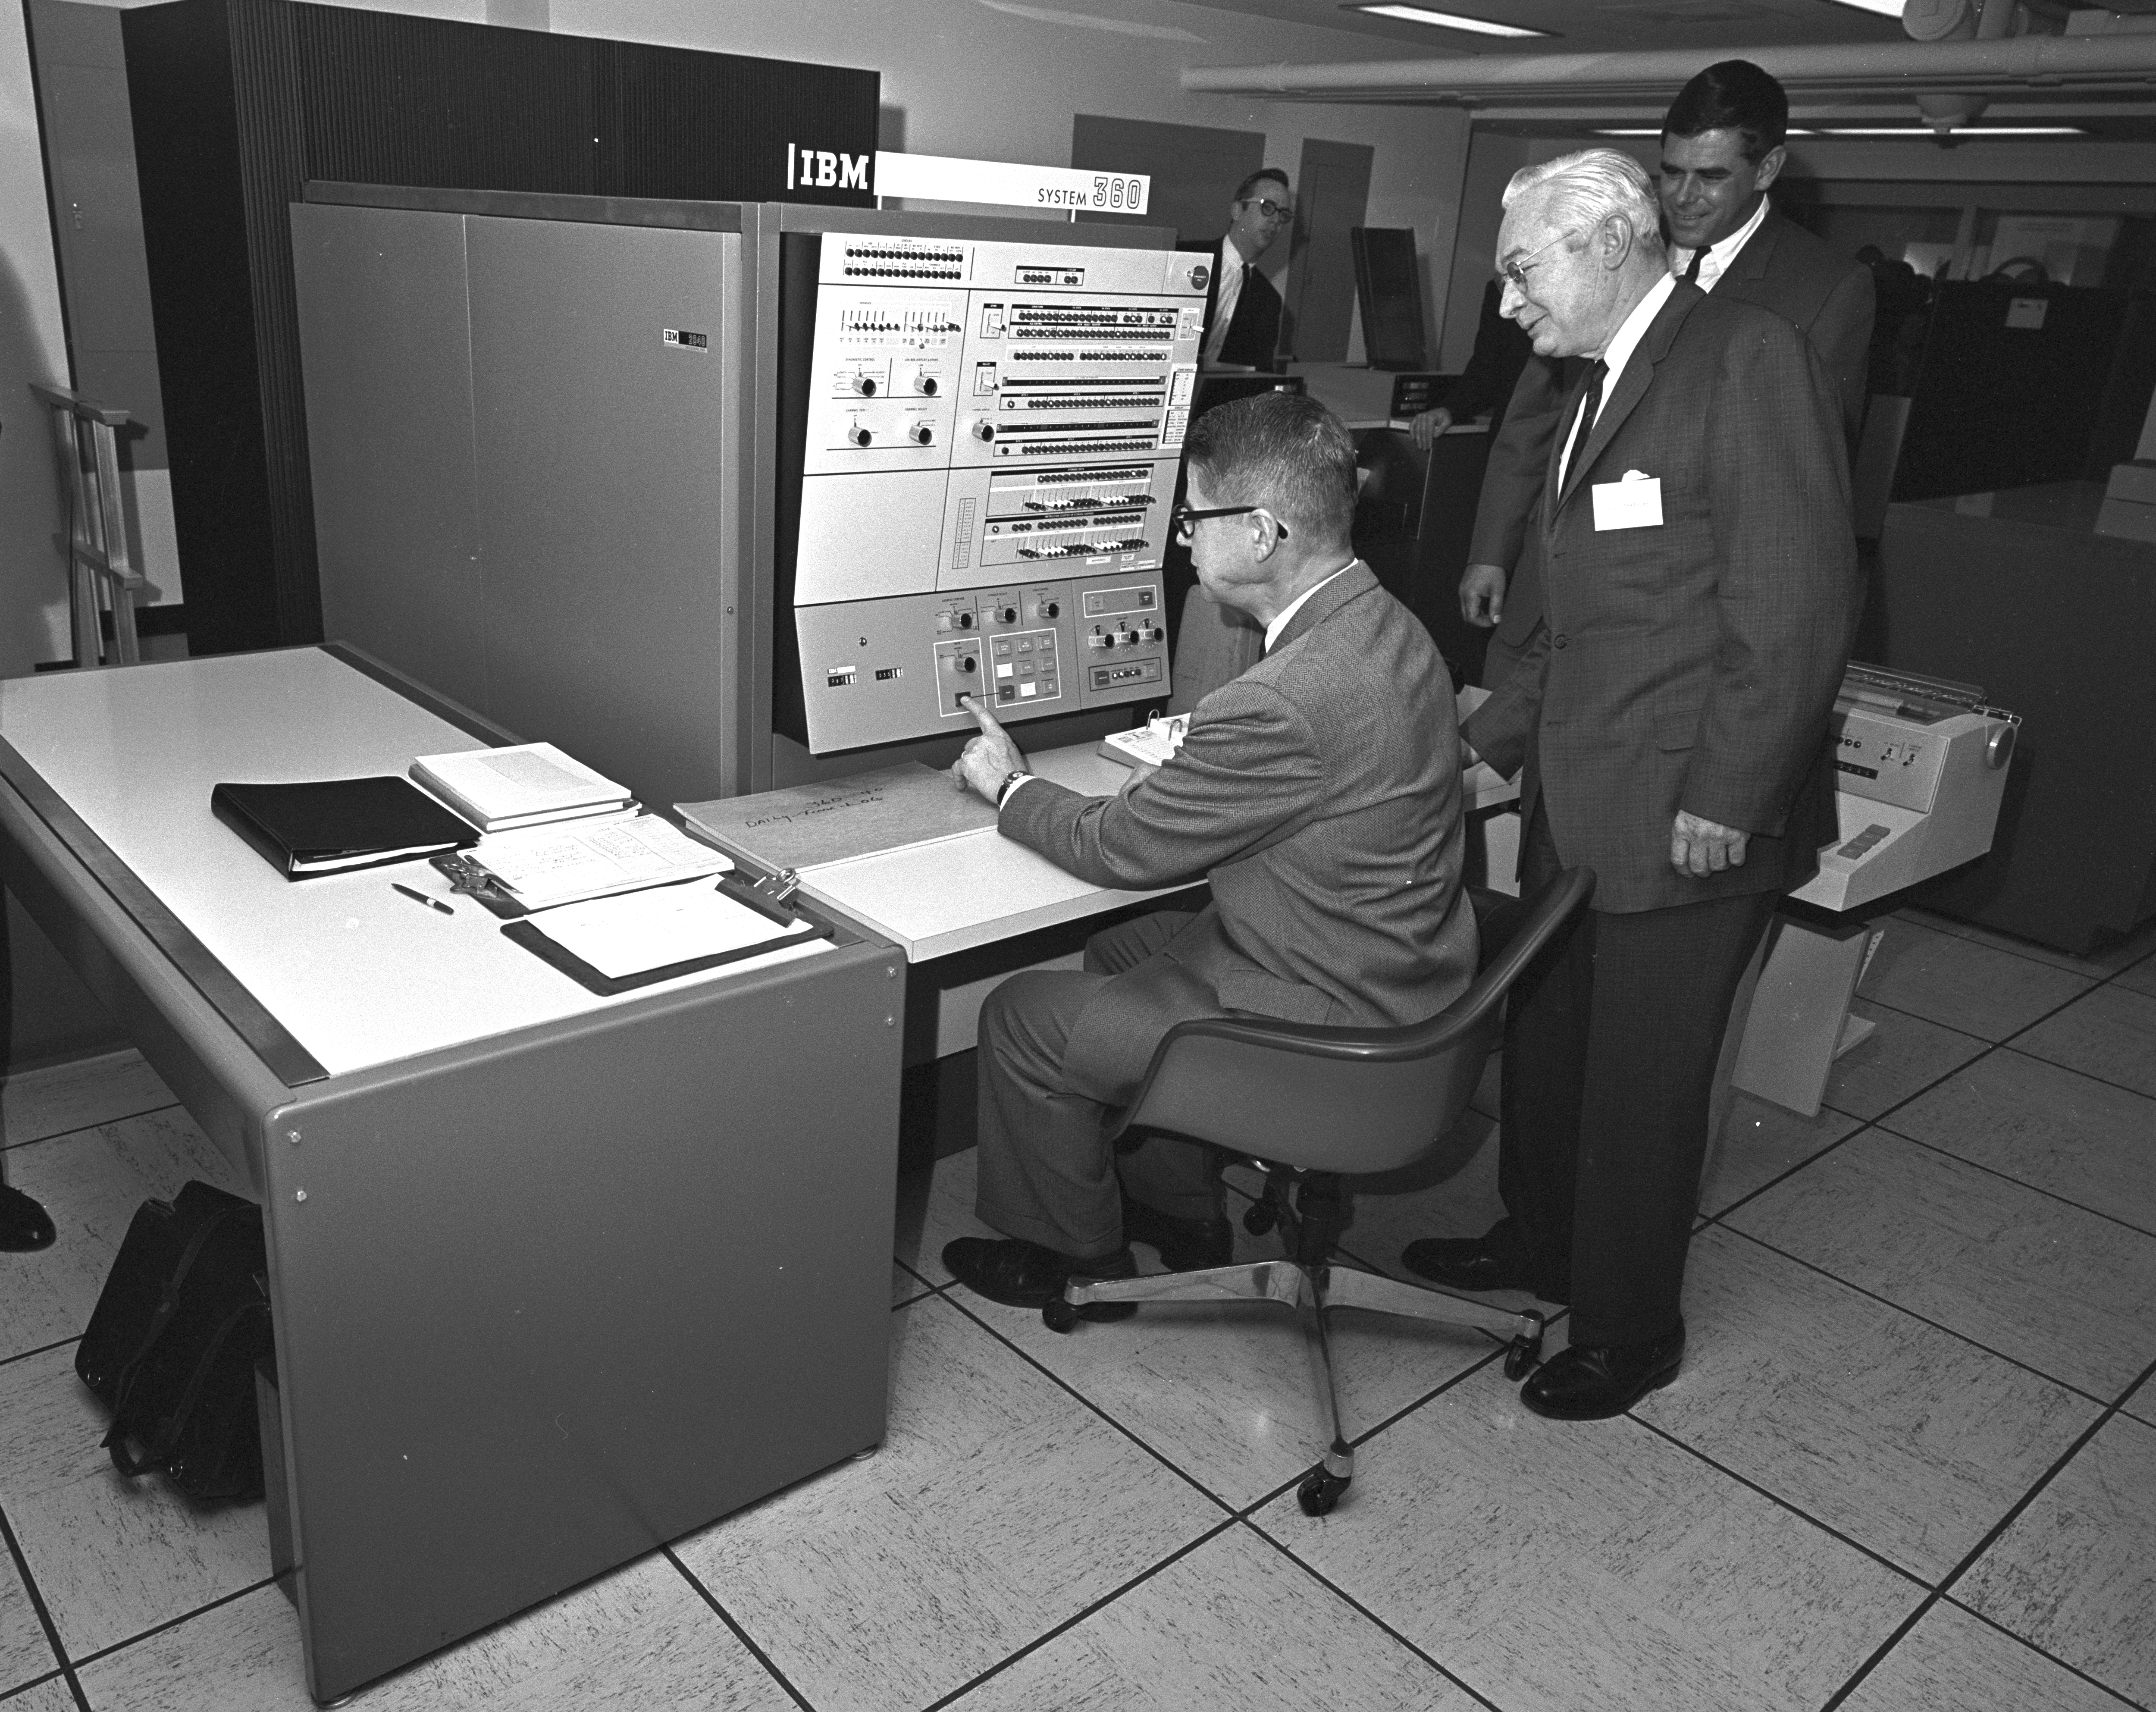 IBM System/360 Model 40 - Wikipedia